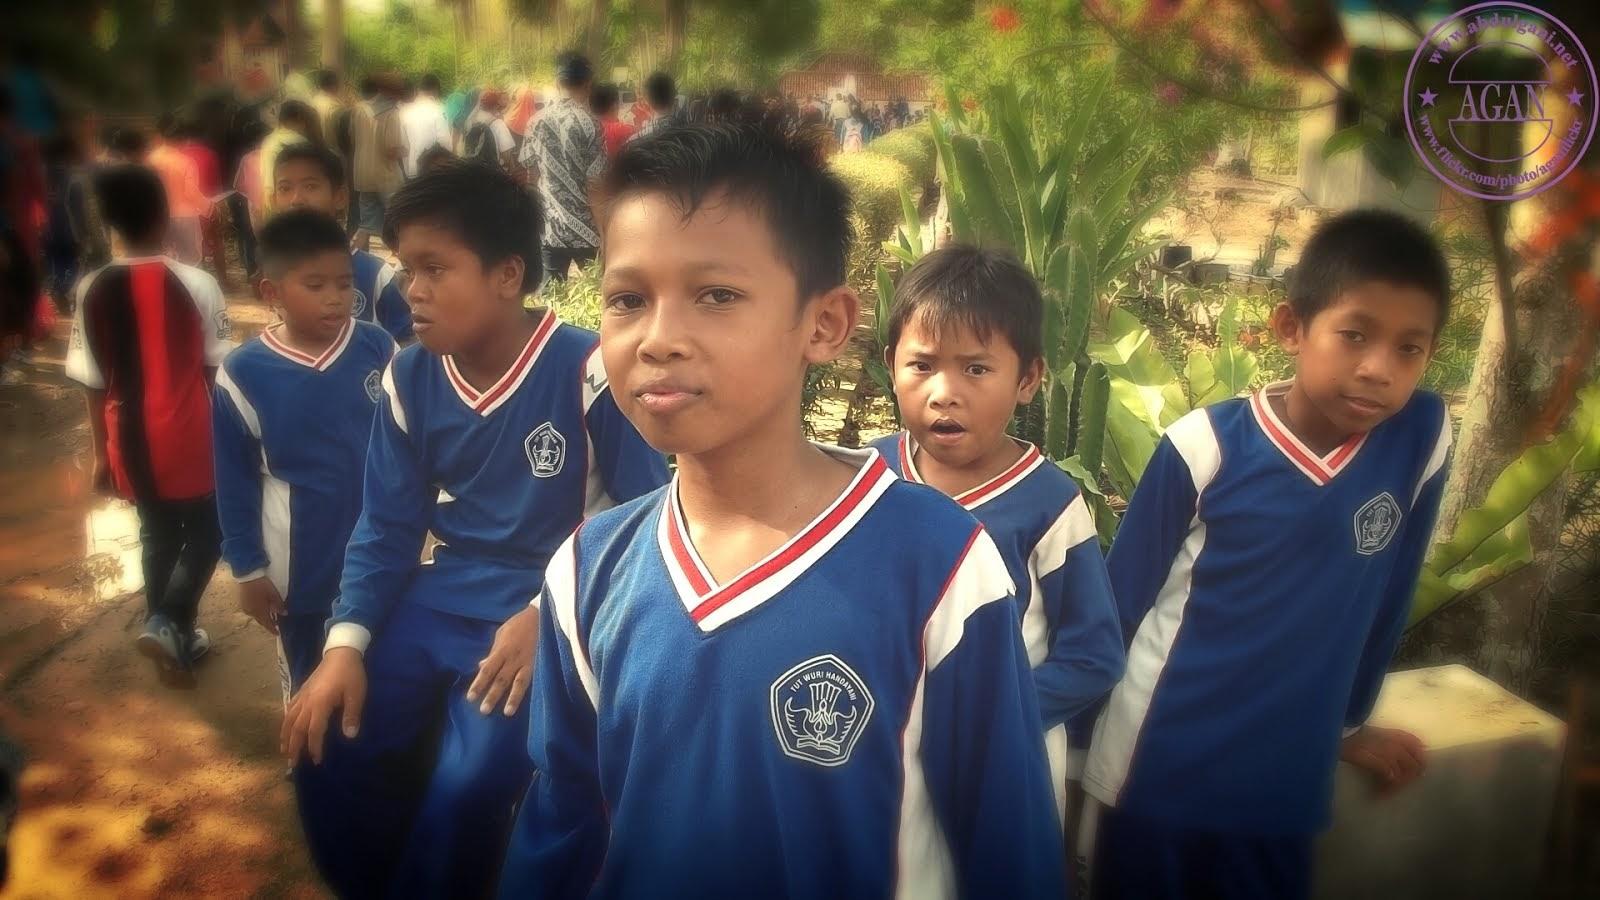 Wana Dekil, Banjarsari, Angsana, Tanah Bumbu, Kalimantan Selatan, Indonesia